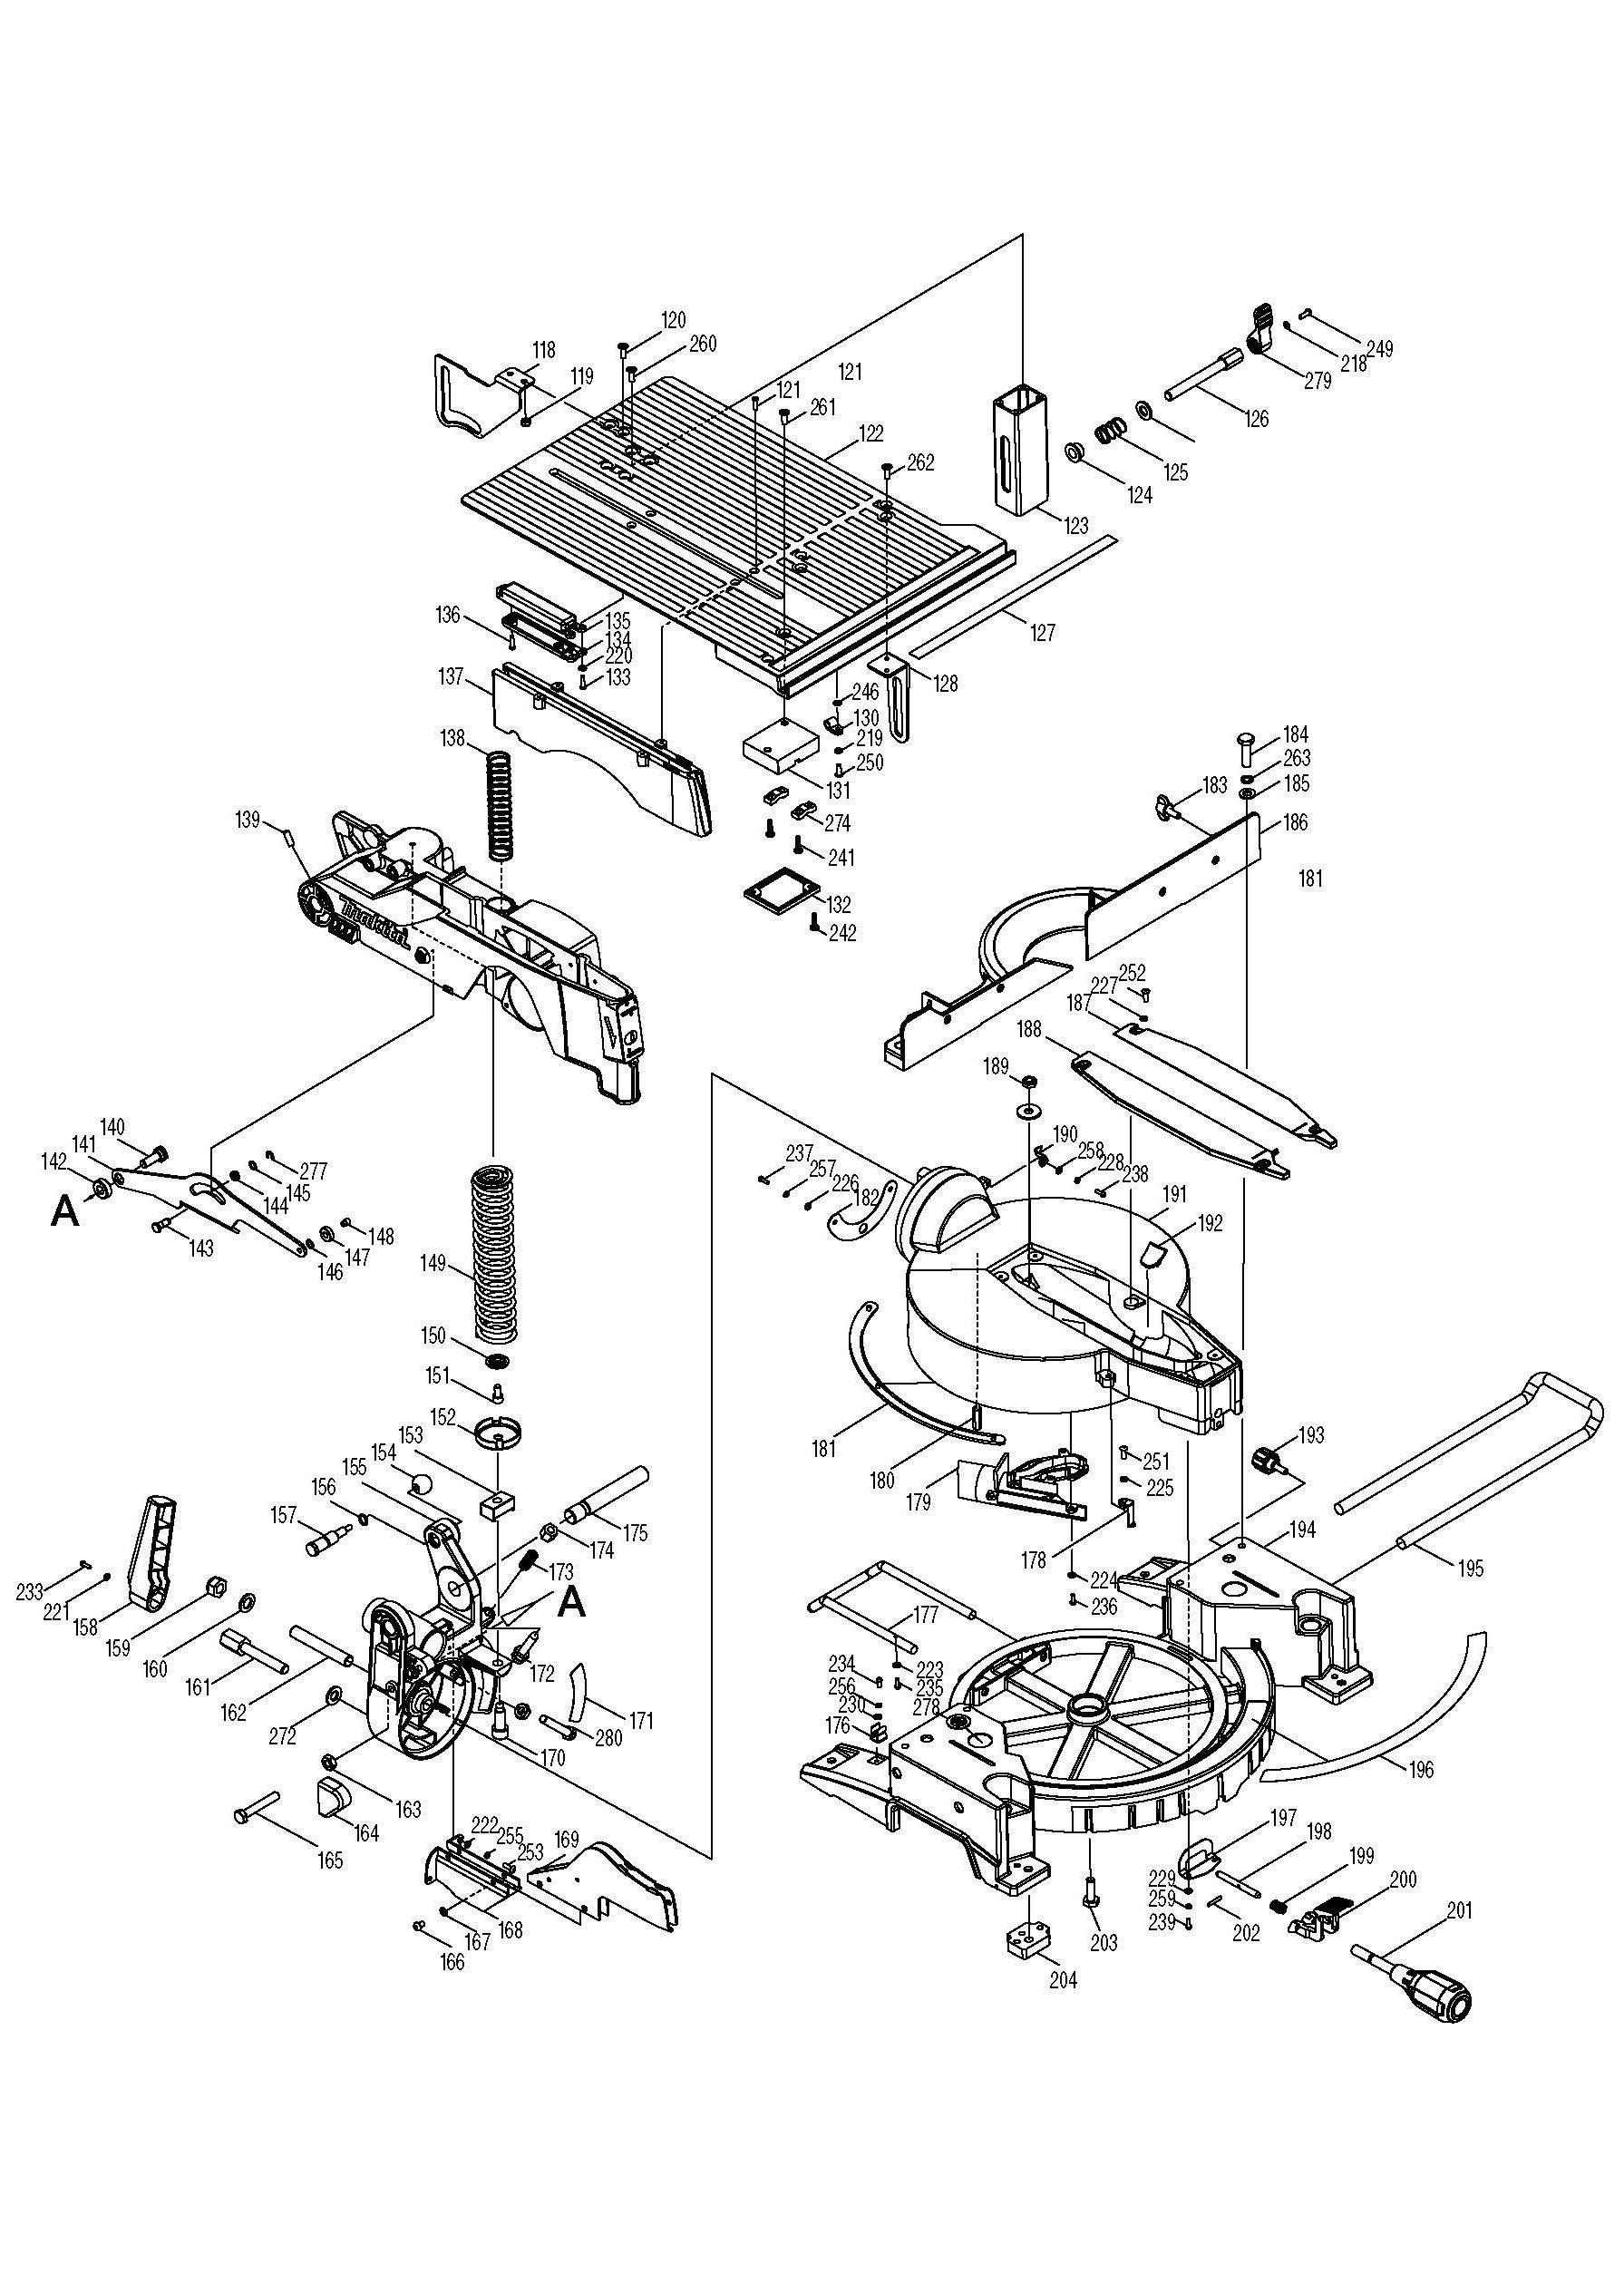 makita mlt100 wiring diagram